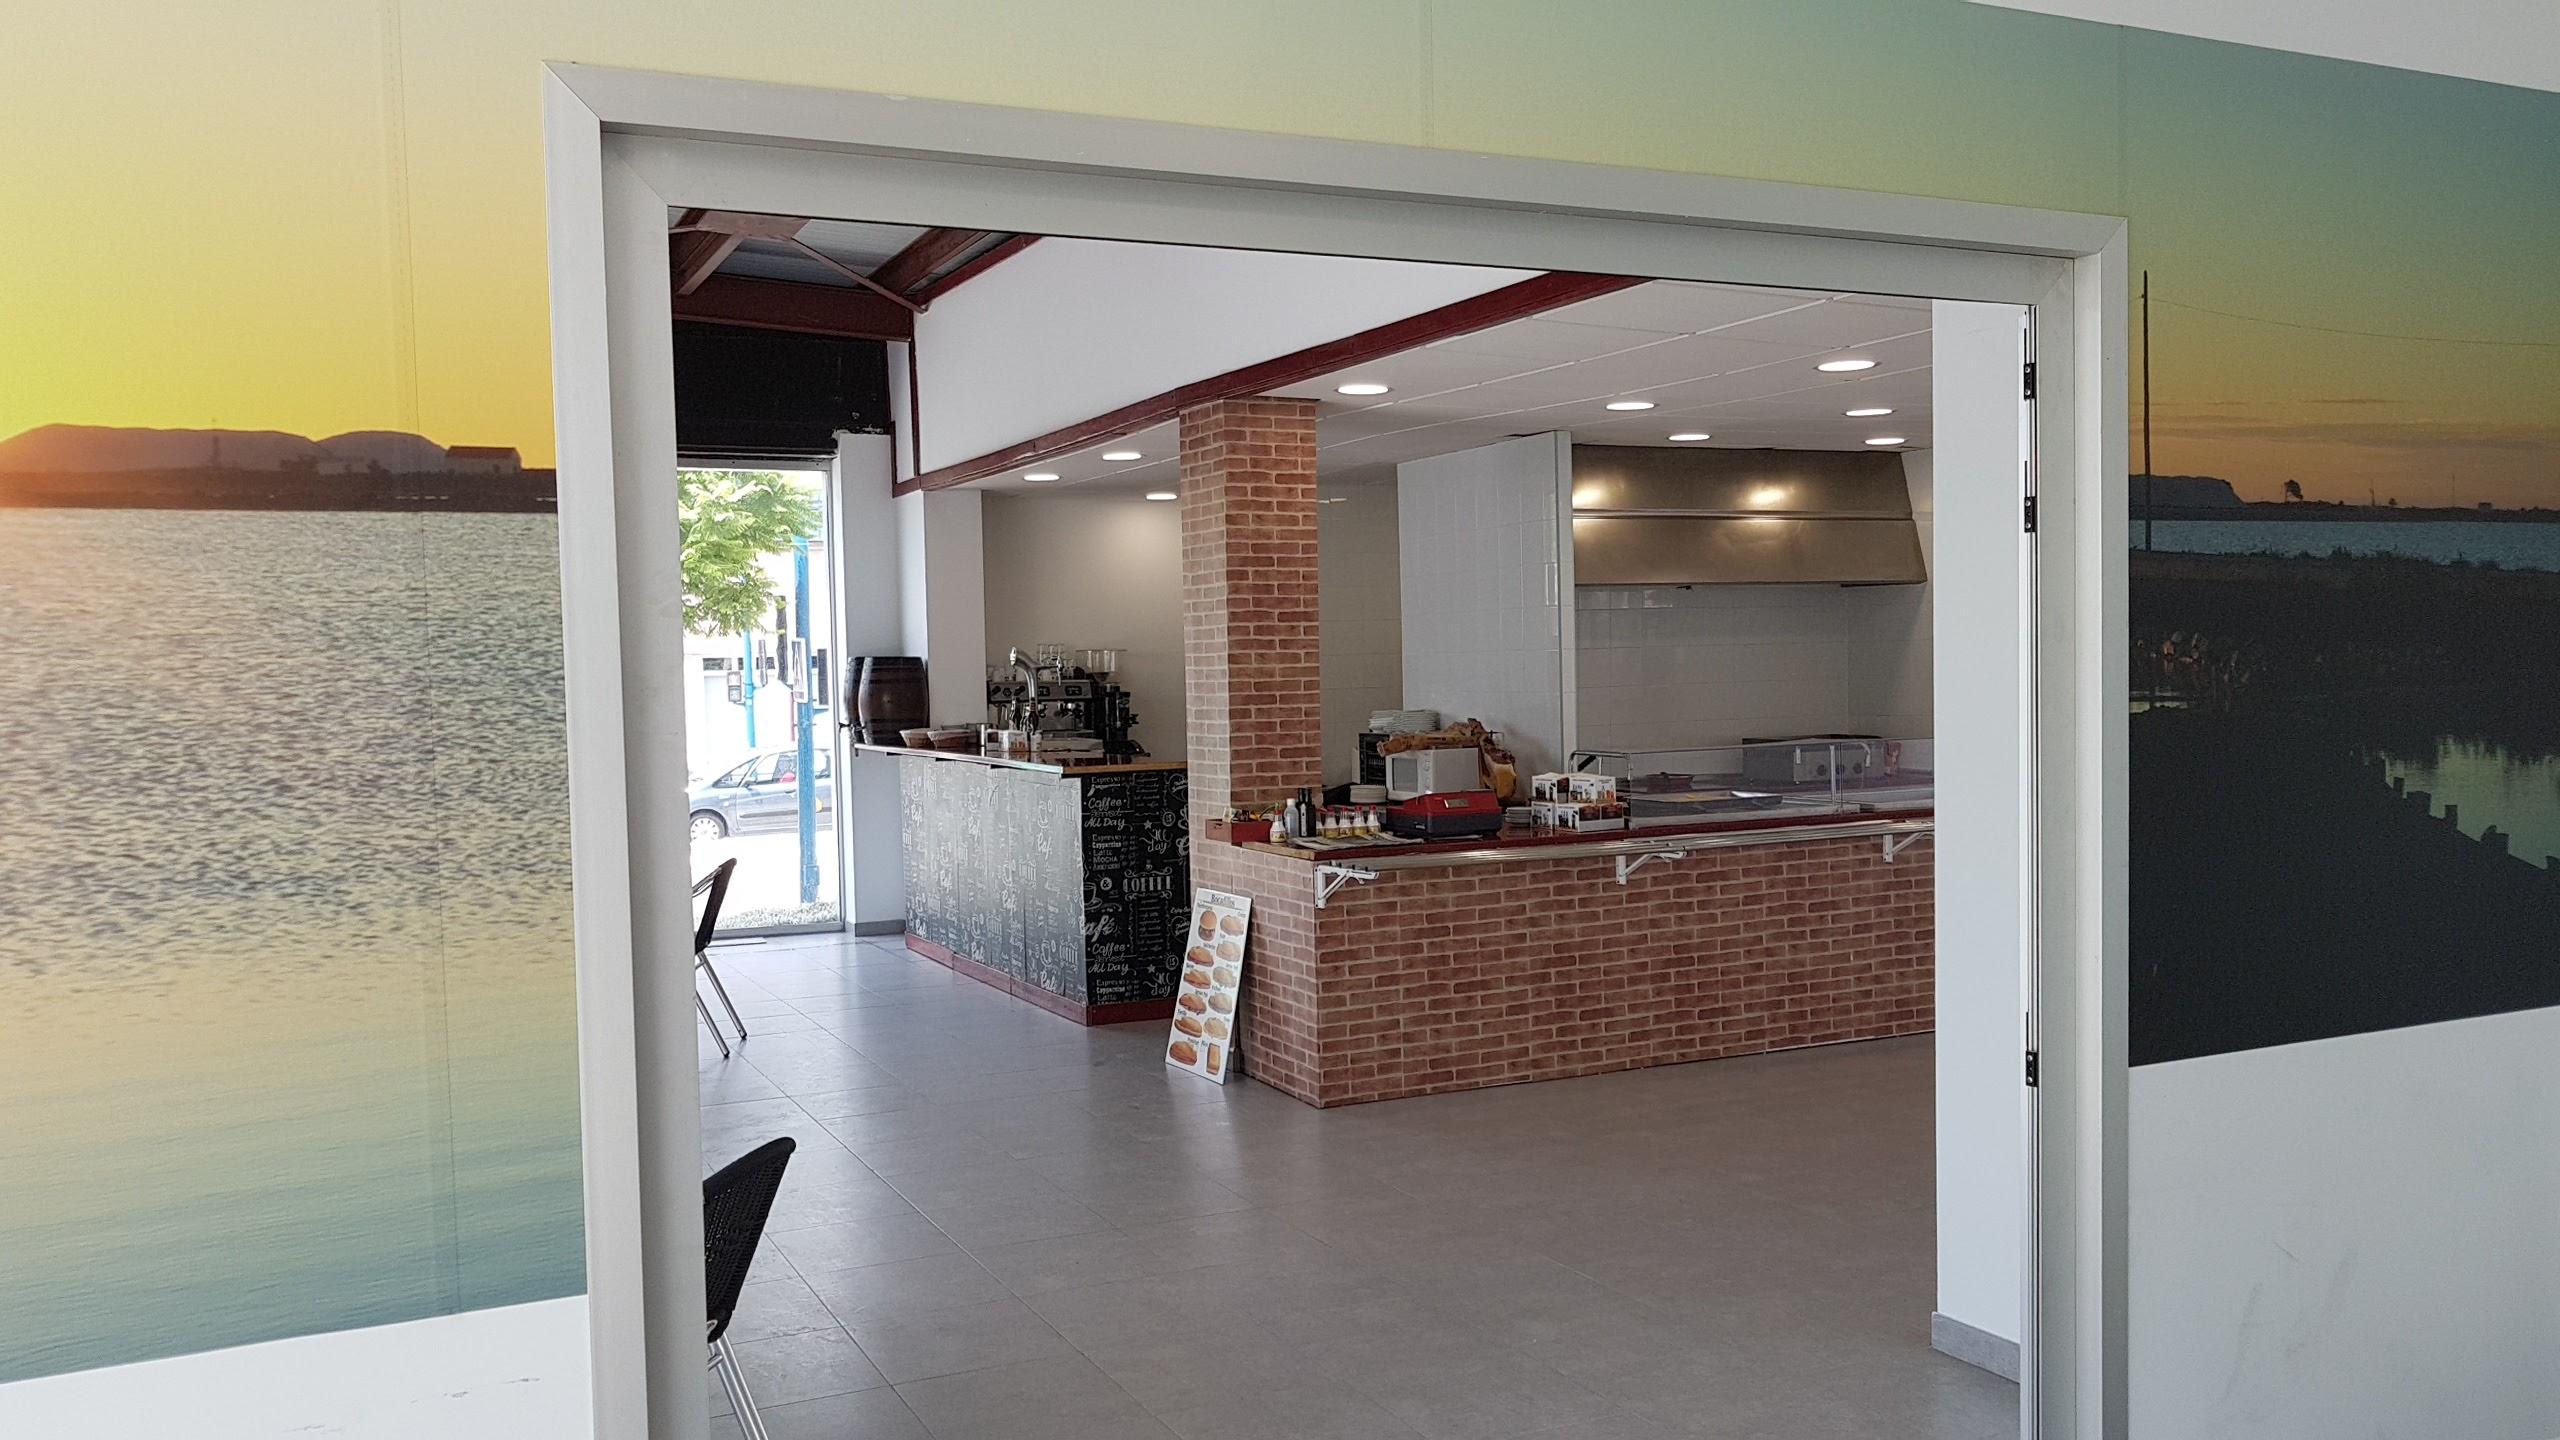 Cafetería L'Estació